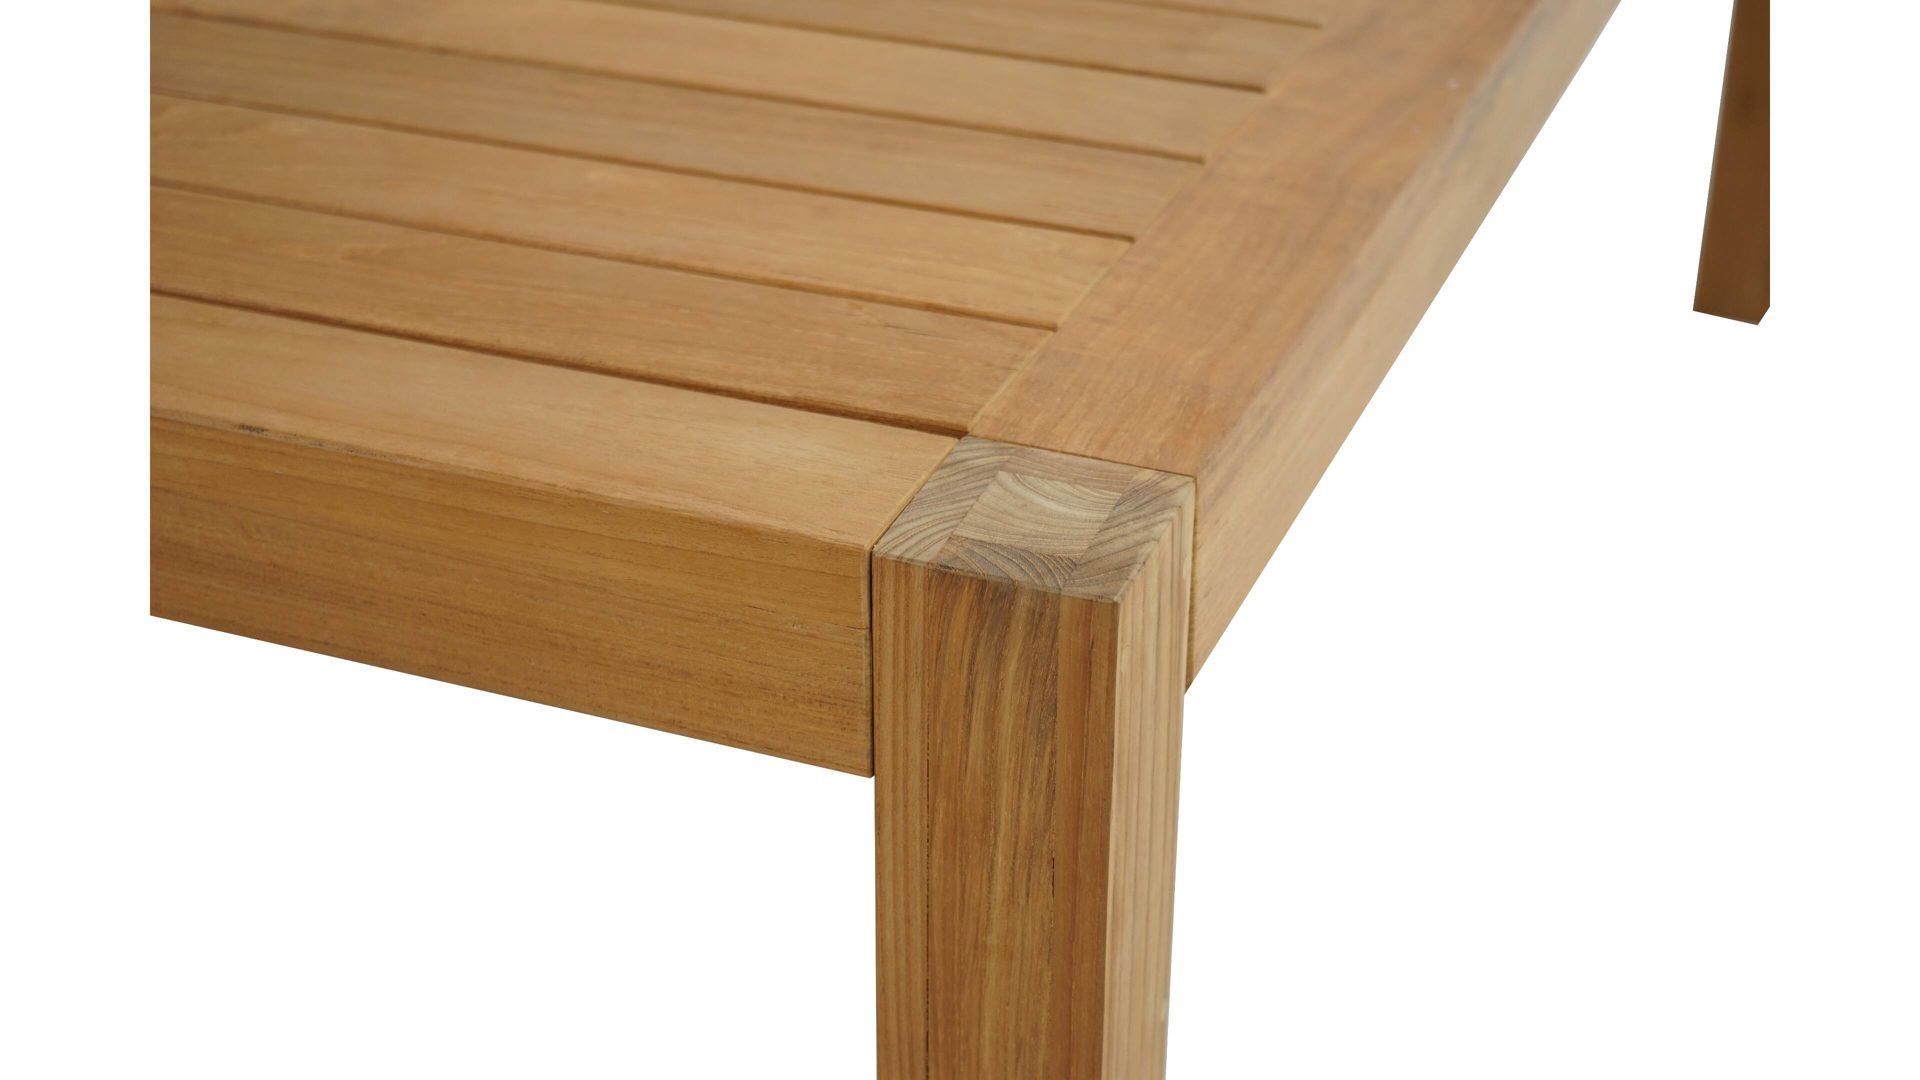 Gartentisch Holz 200 X 100 Bernstein Granit Esstisch 200x100 Cm